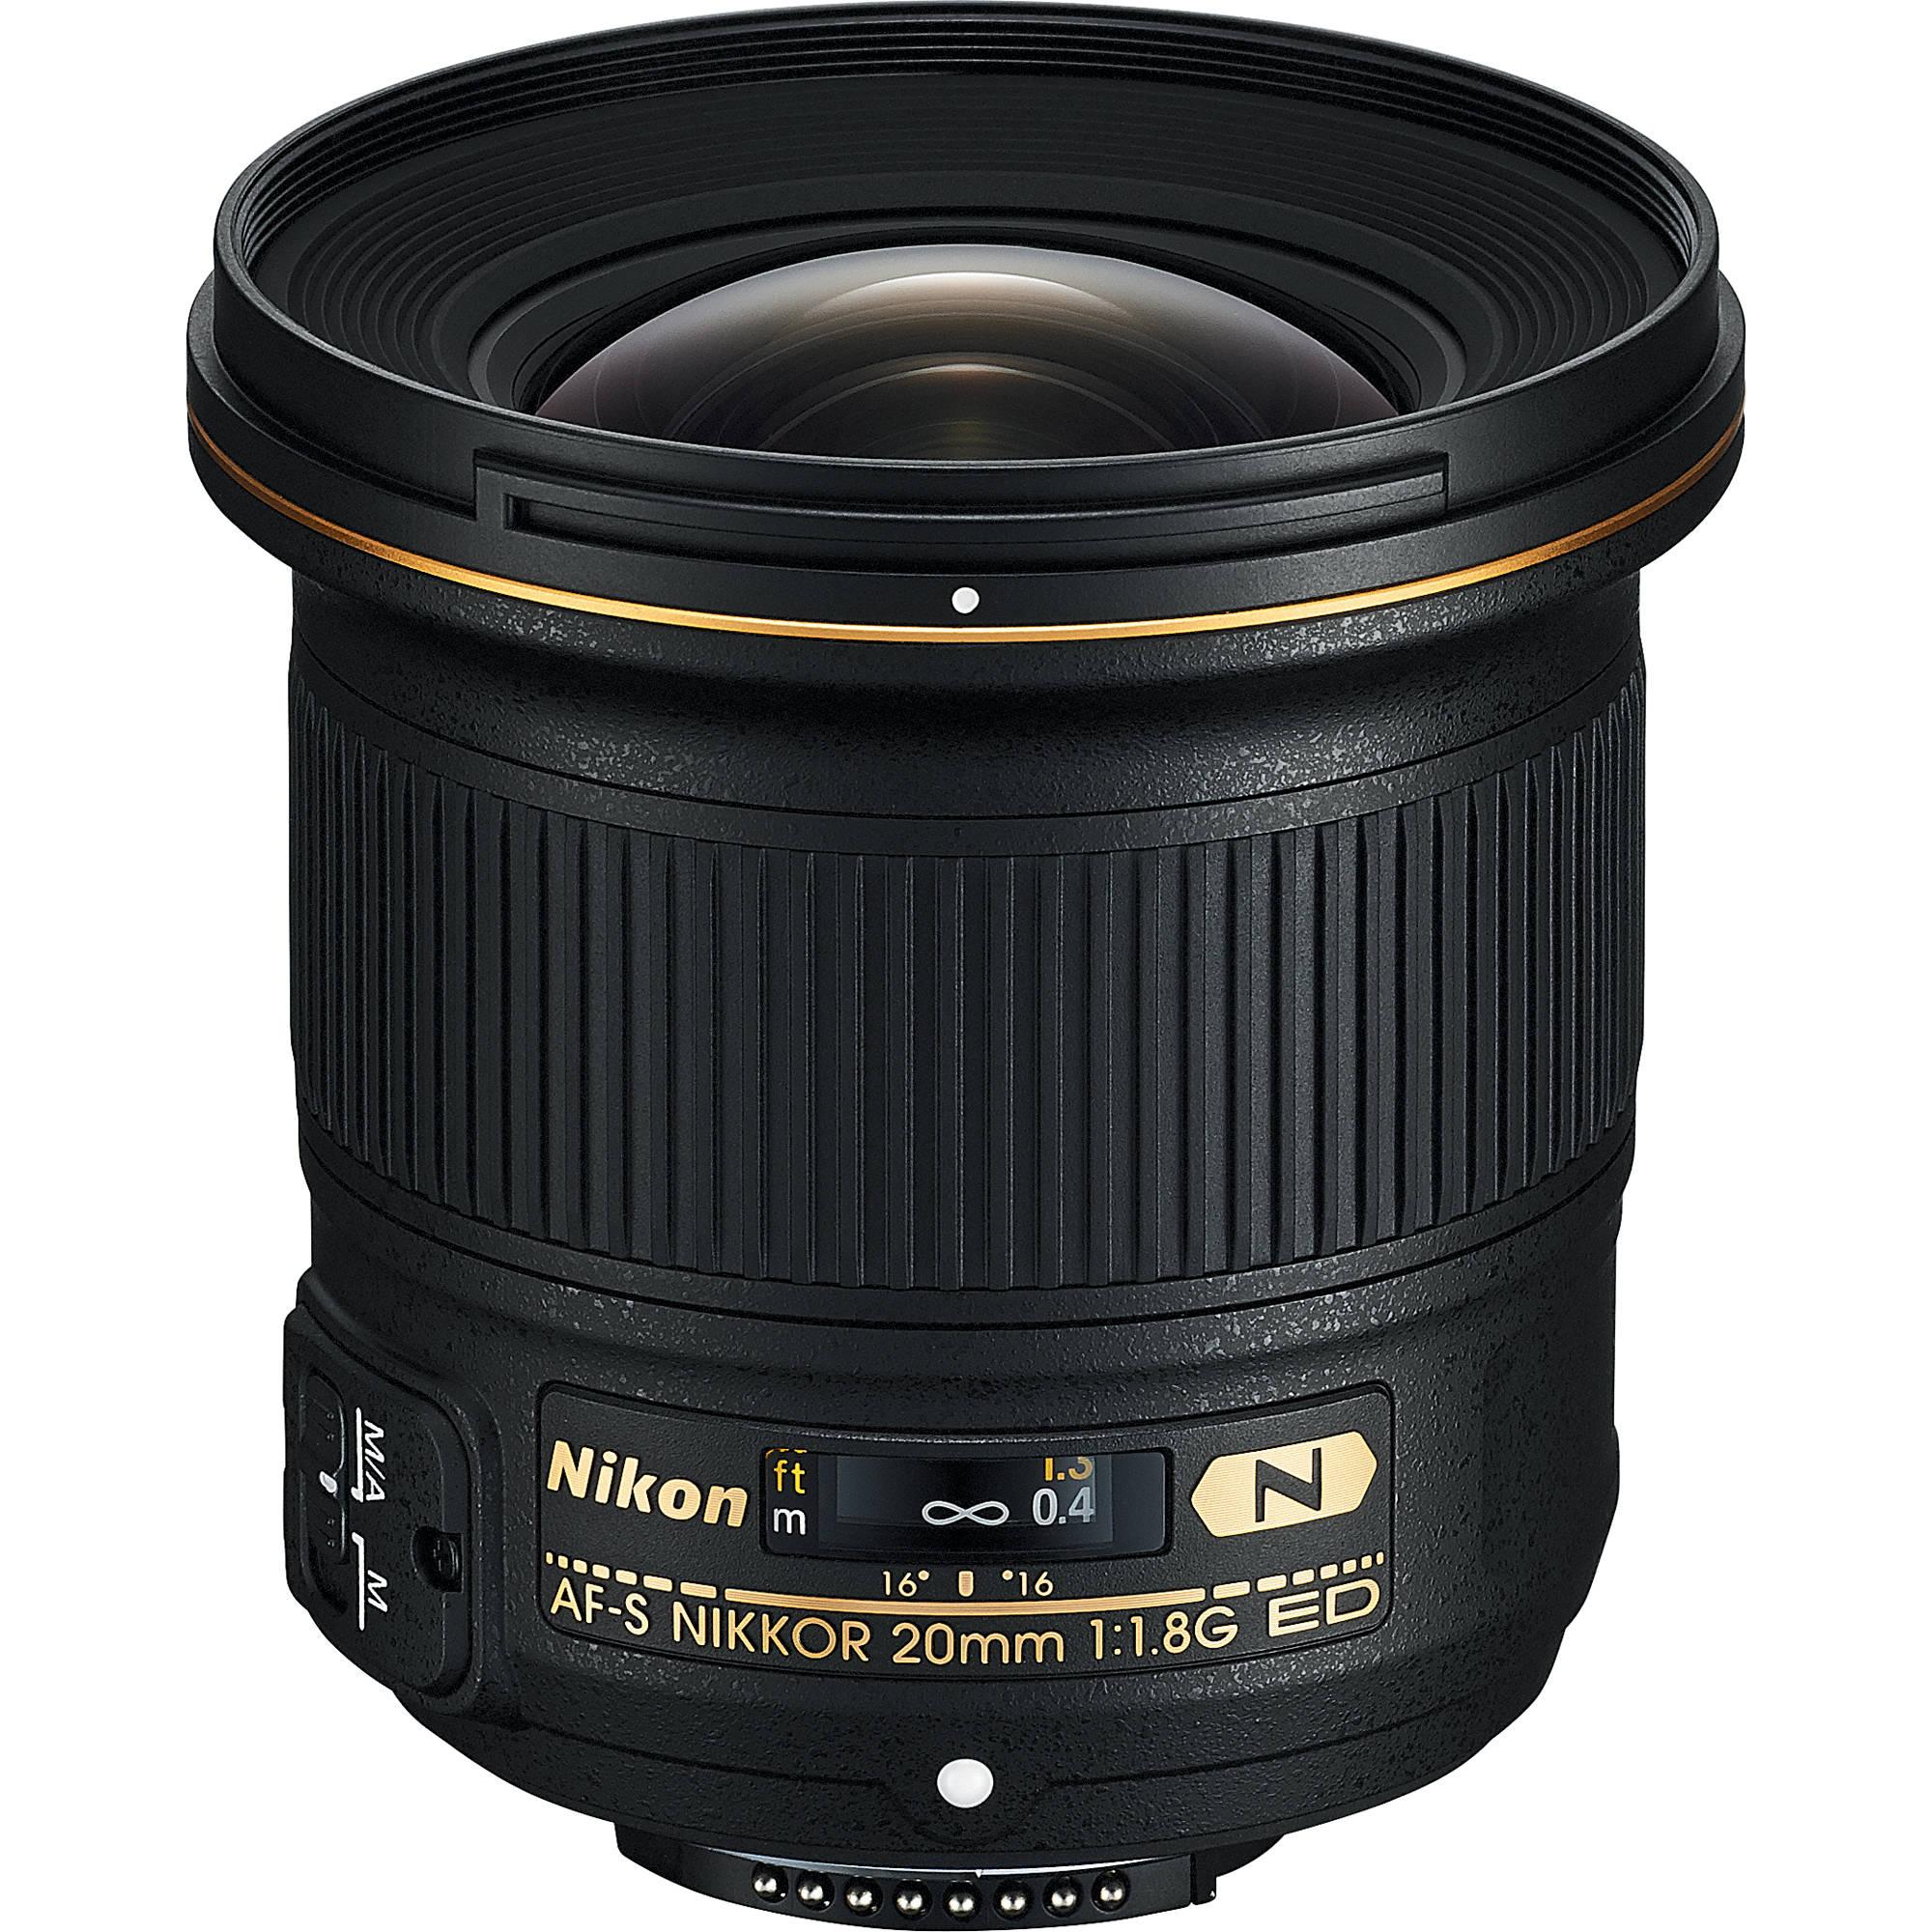 Nikon AF-S NIKKOR 20mm f/1.8G ED Lens 20051 B&H Photo Video